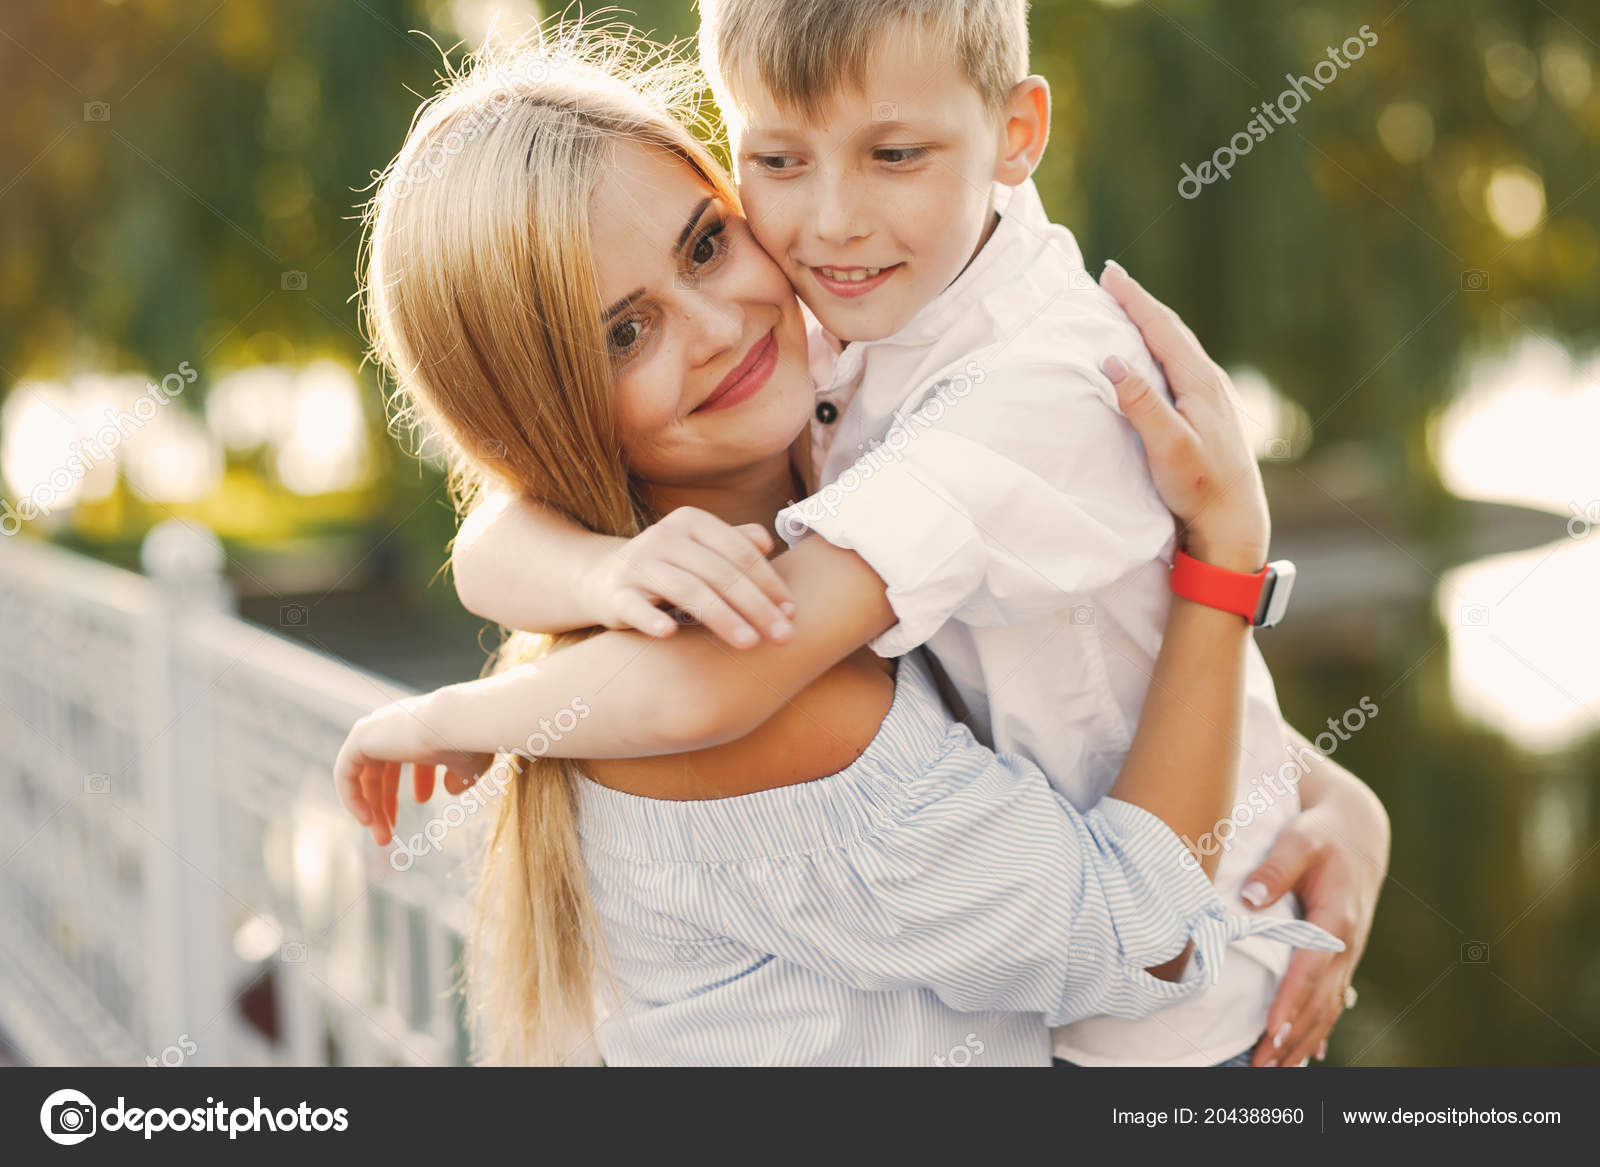 Секс мымы с сыном фото, Регулярный инцент матери и сына (28 фото) 22 фотография